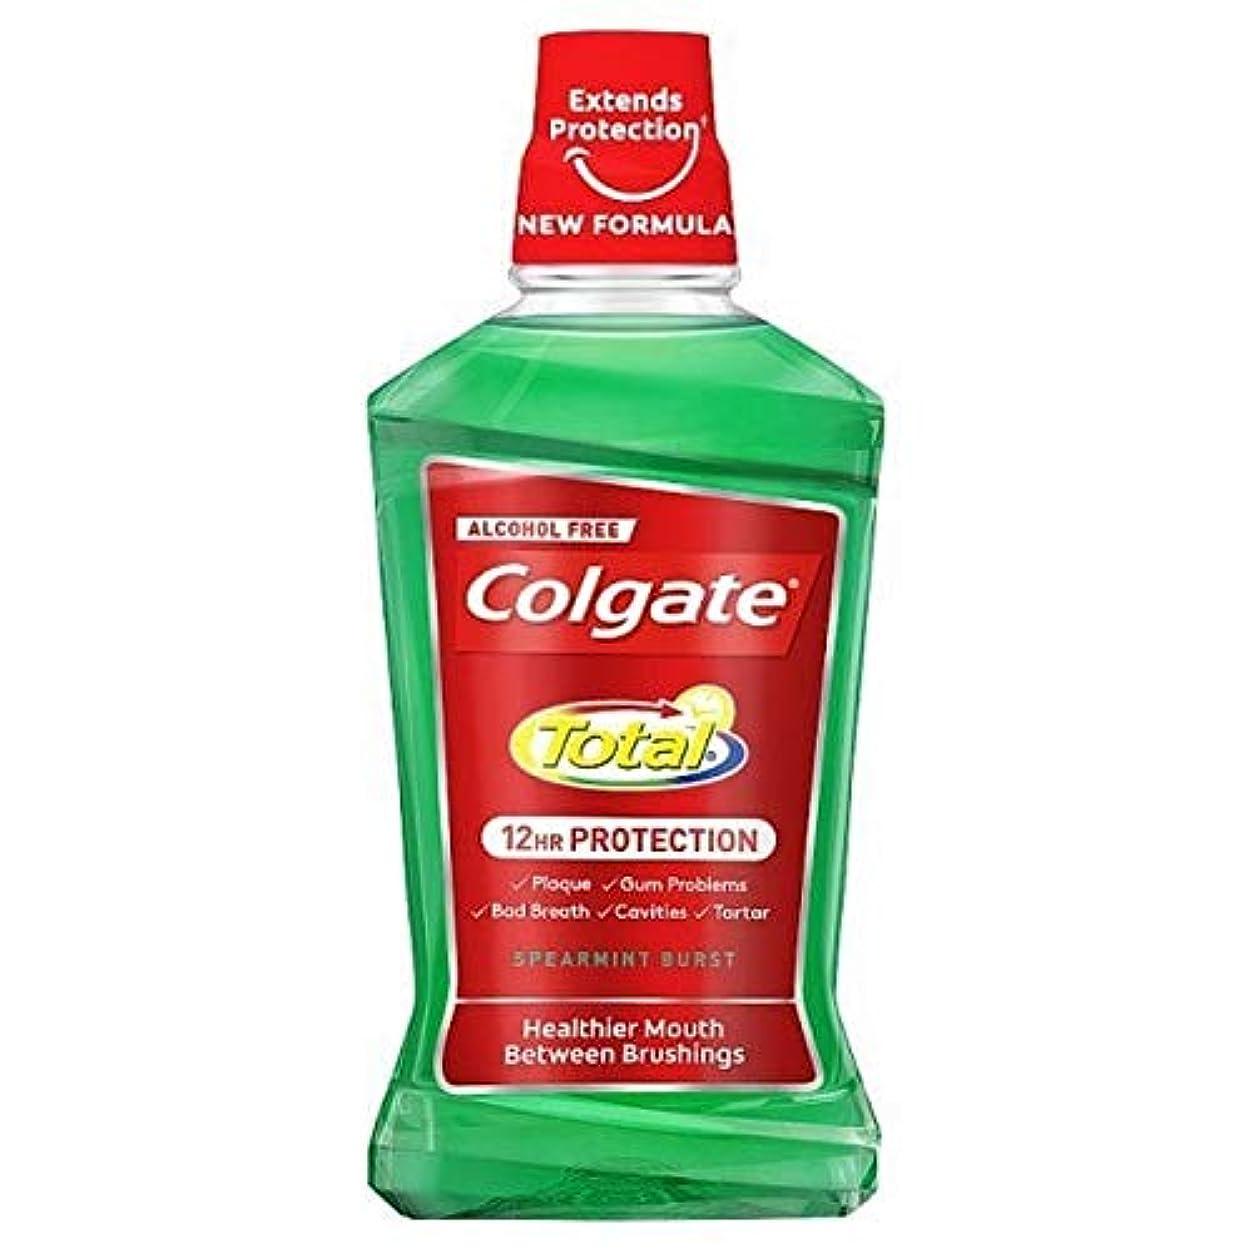 同情子音溶ける[Colgate ] コルゲートトータルスペアミントバーストマウスウォッシュ500ミリリットル - Colgate Total Spearmint Burst Mouthwash 500ml [並行輸入品]